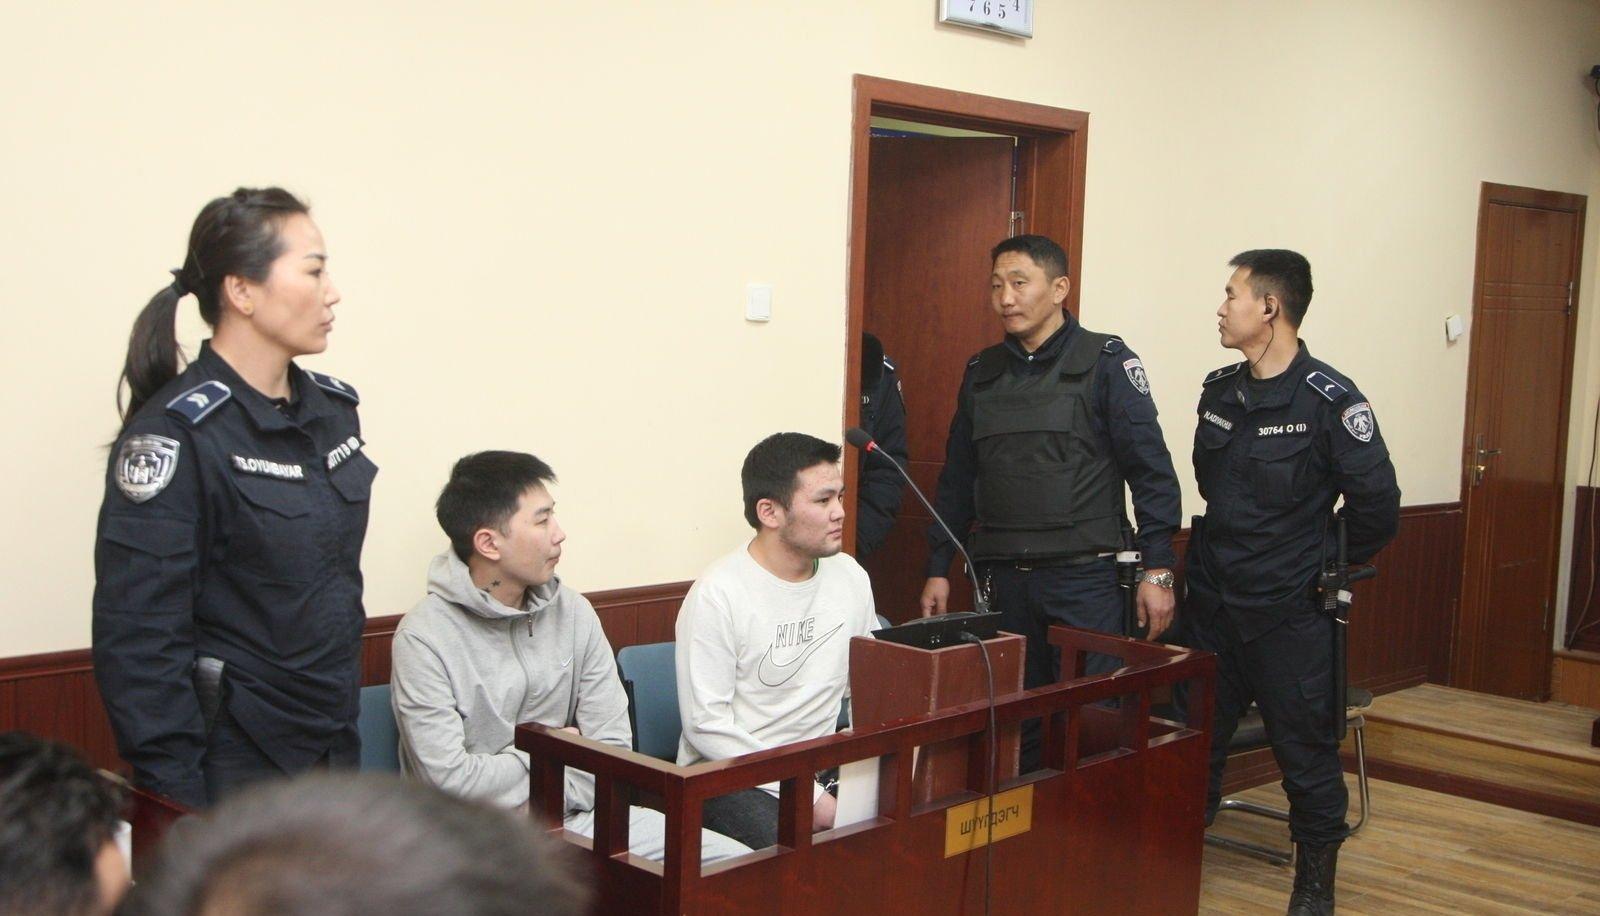 Д.Жавхлан, М.Амарболд нарын шүүхээс оноосон бүх насаар нь хорих ял хэвээр үлдлээ